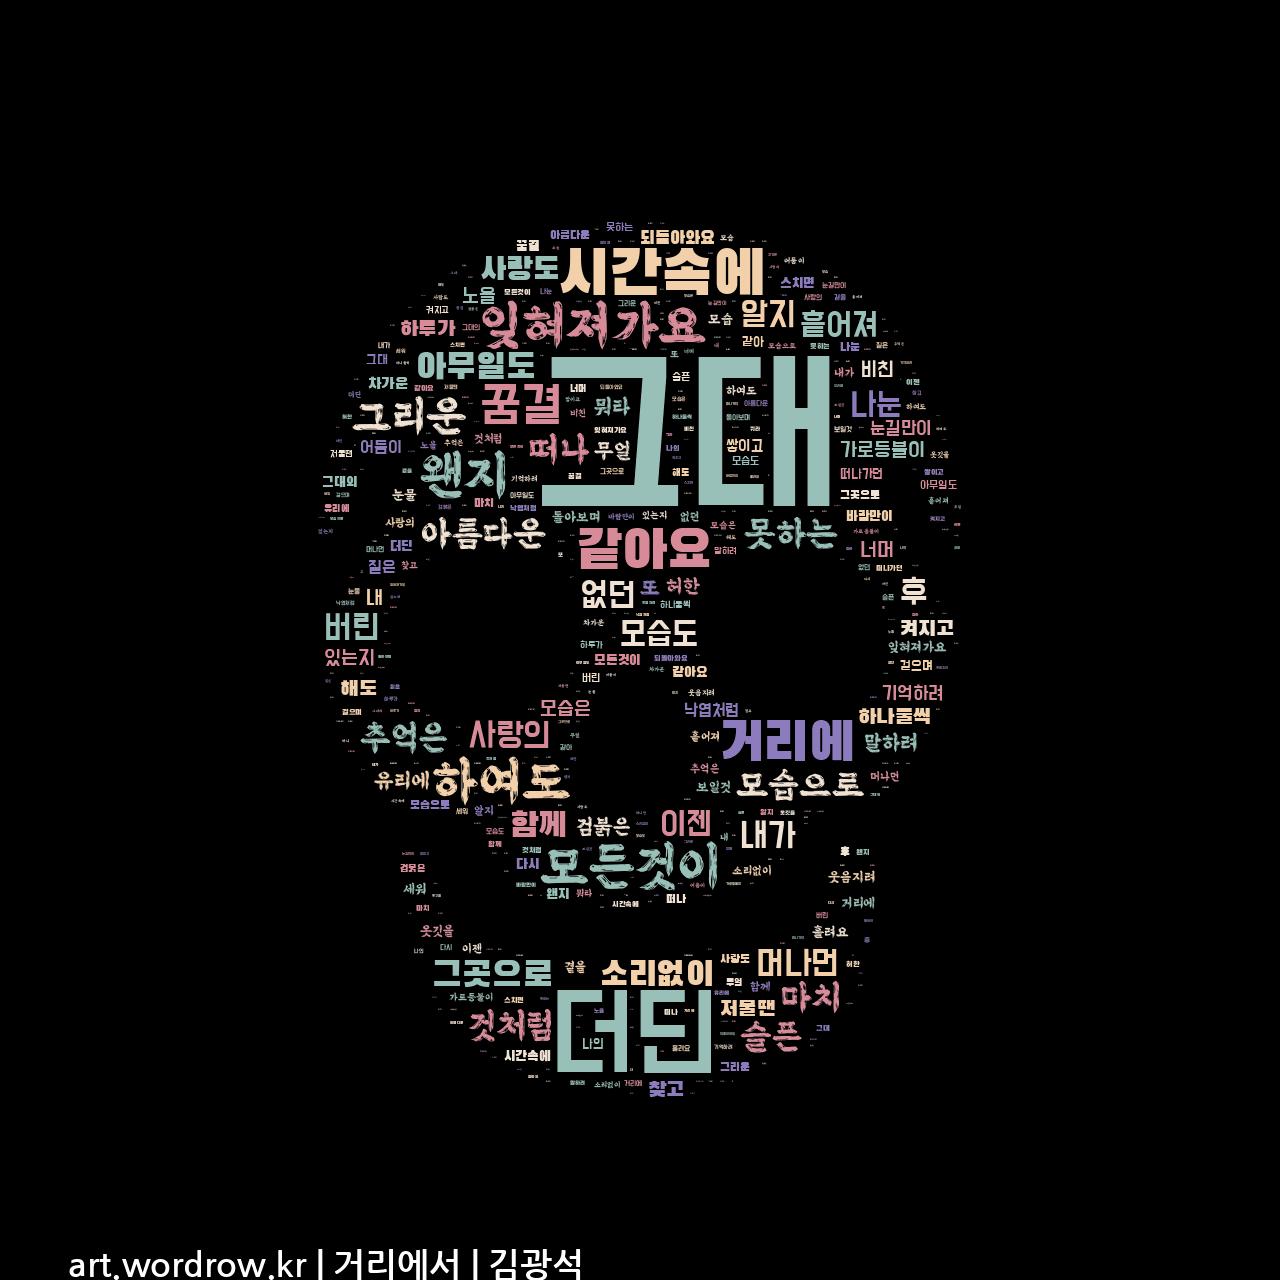 워드 아트: 거리에서 [김광석]-28